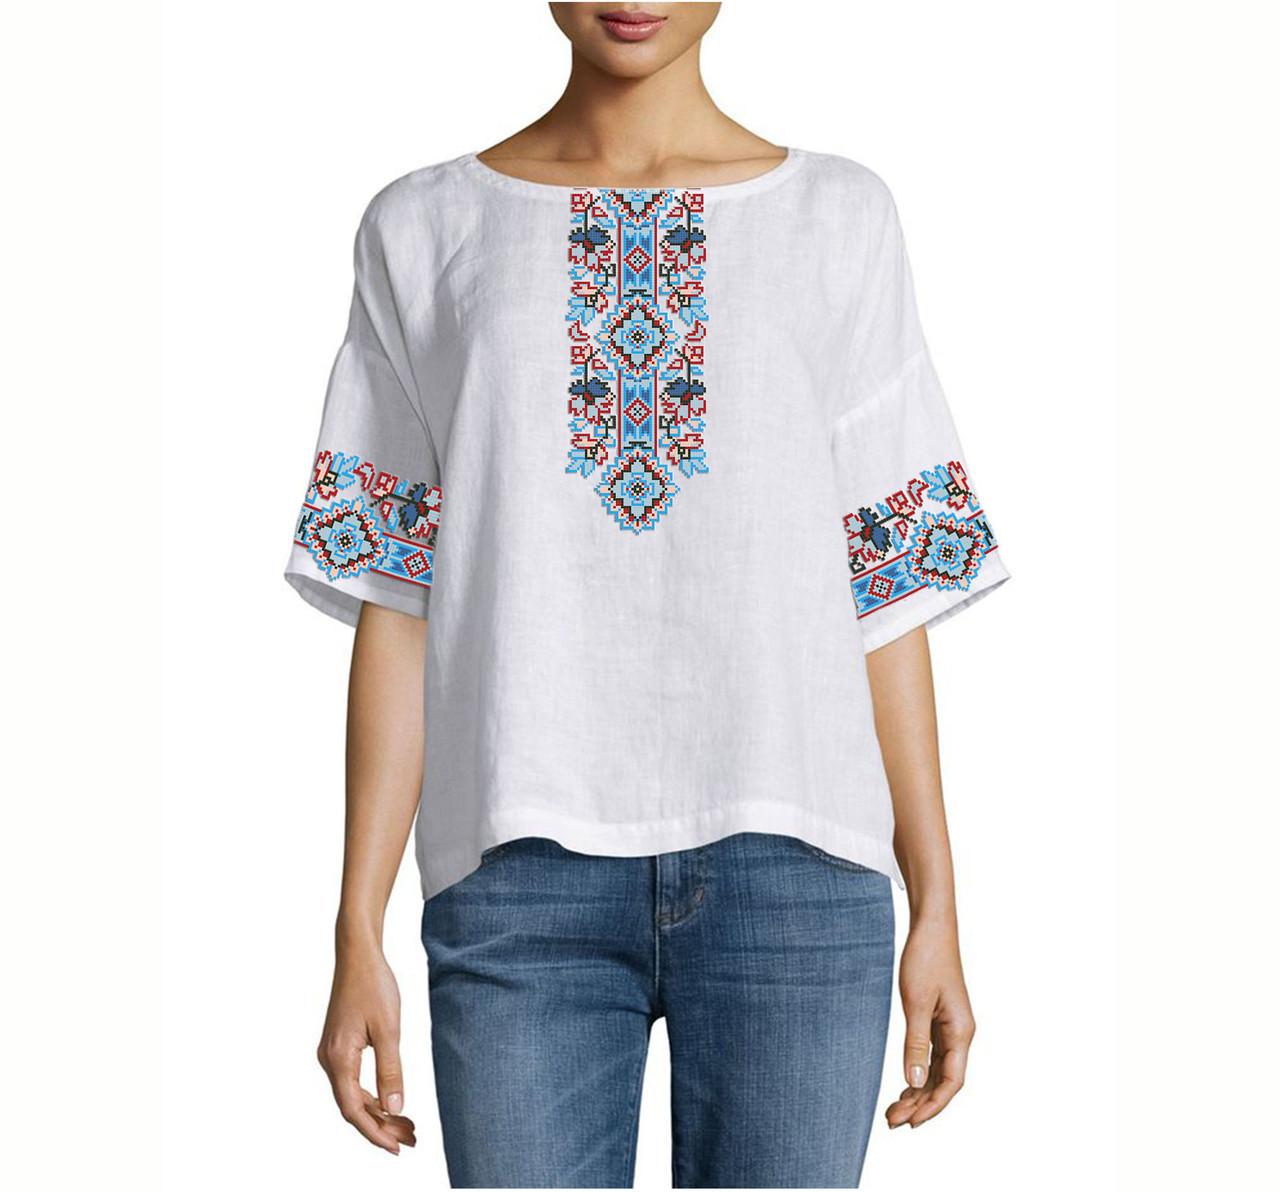 Заготовка вышиванки женской сорочки / блузы для вышивки бисером «Оберіг»